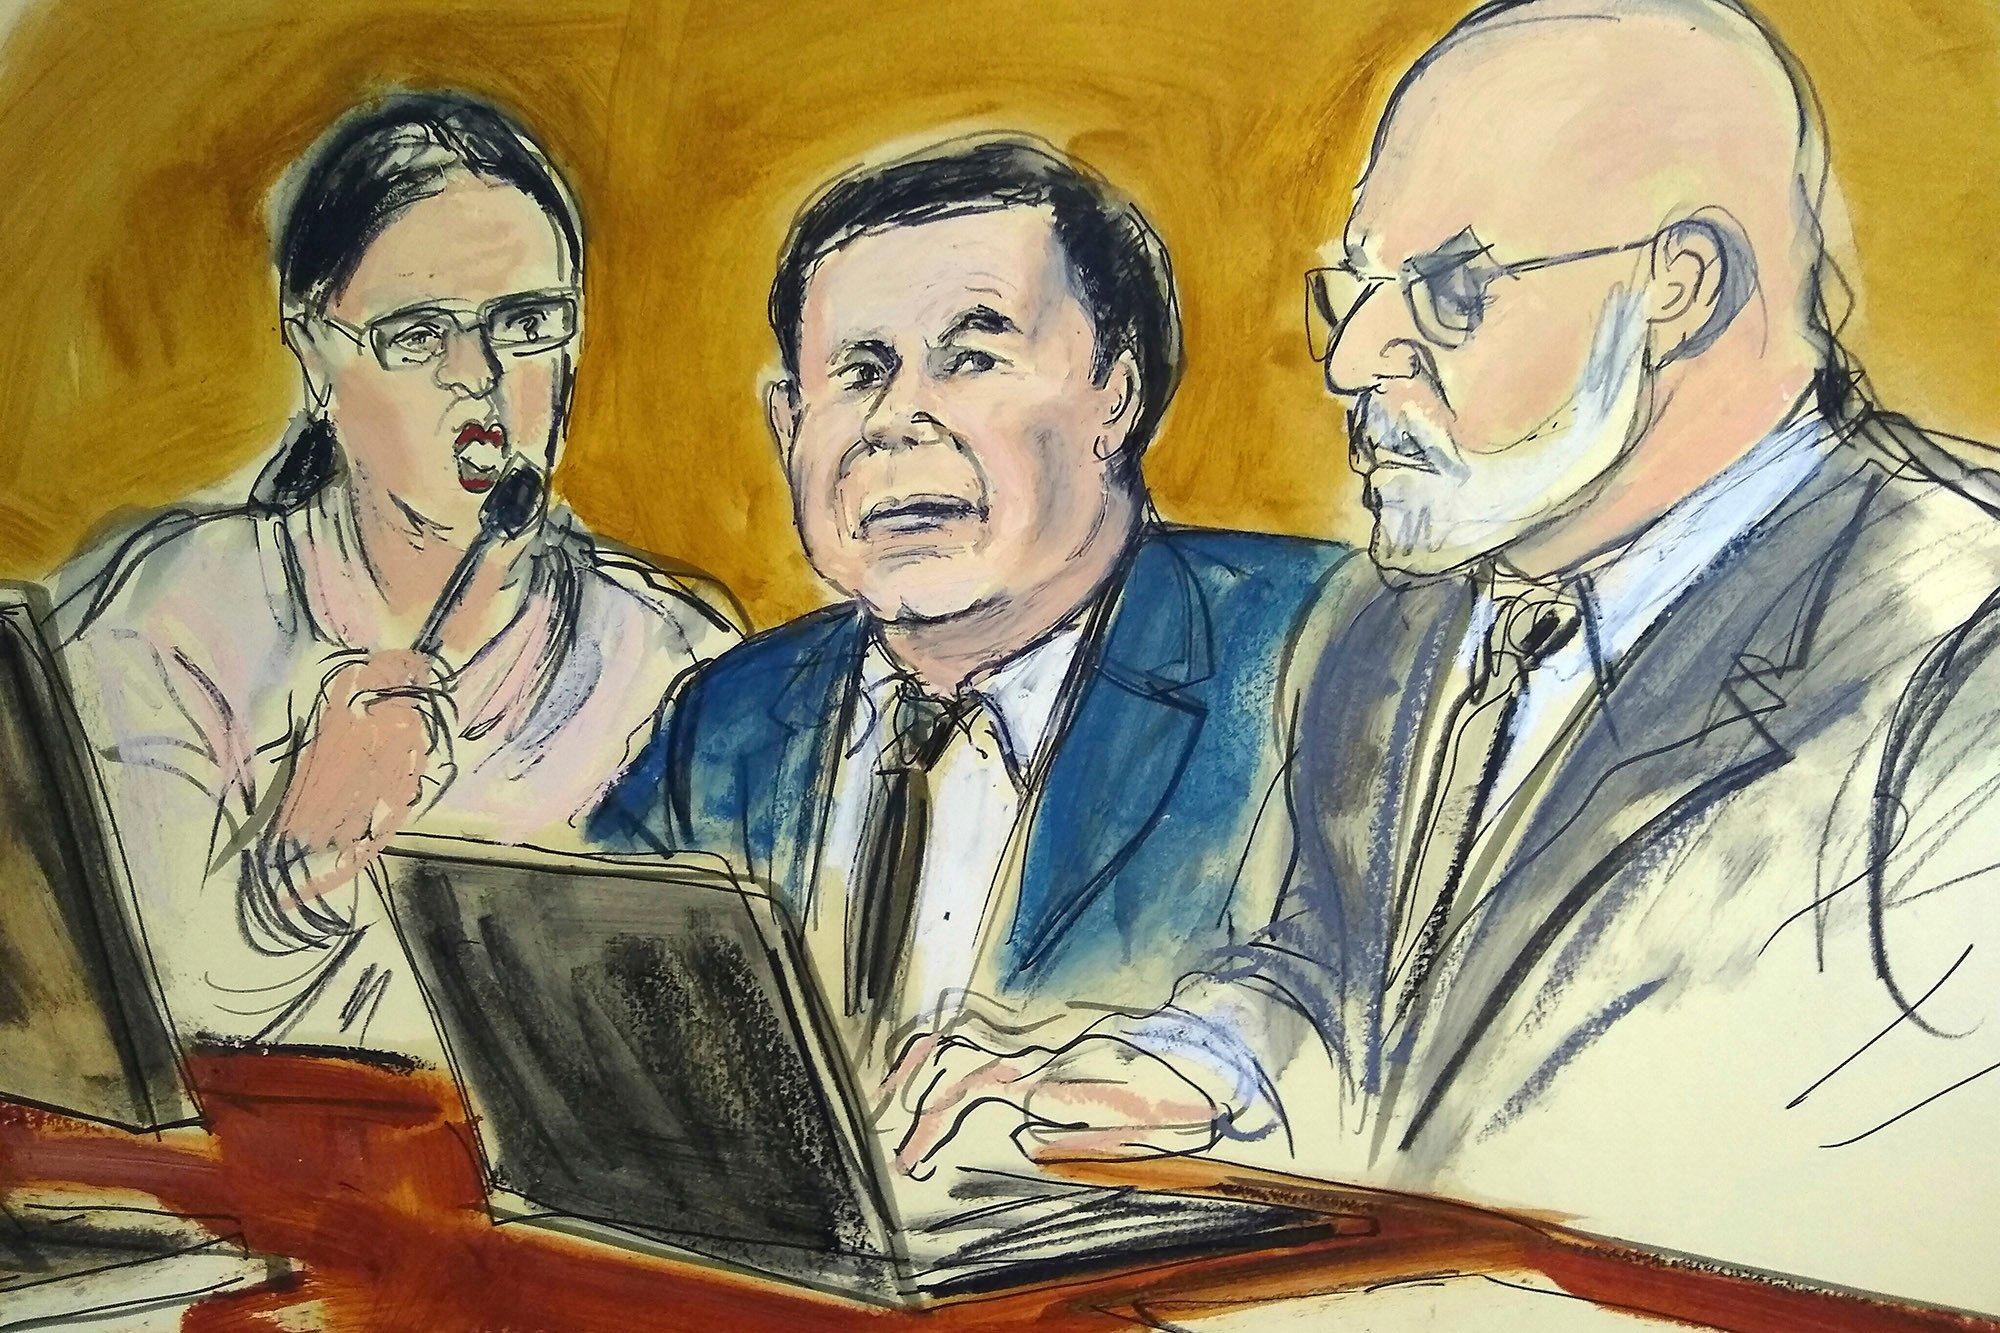 Still no verdict in El Chapo trial as jurors get grumpy